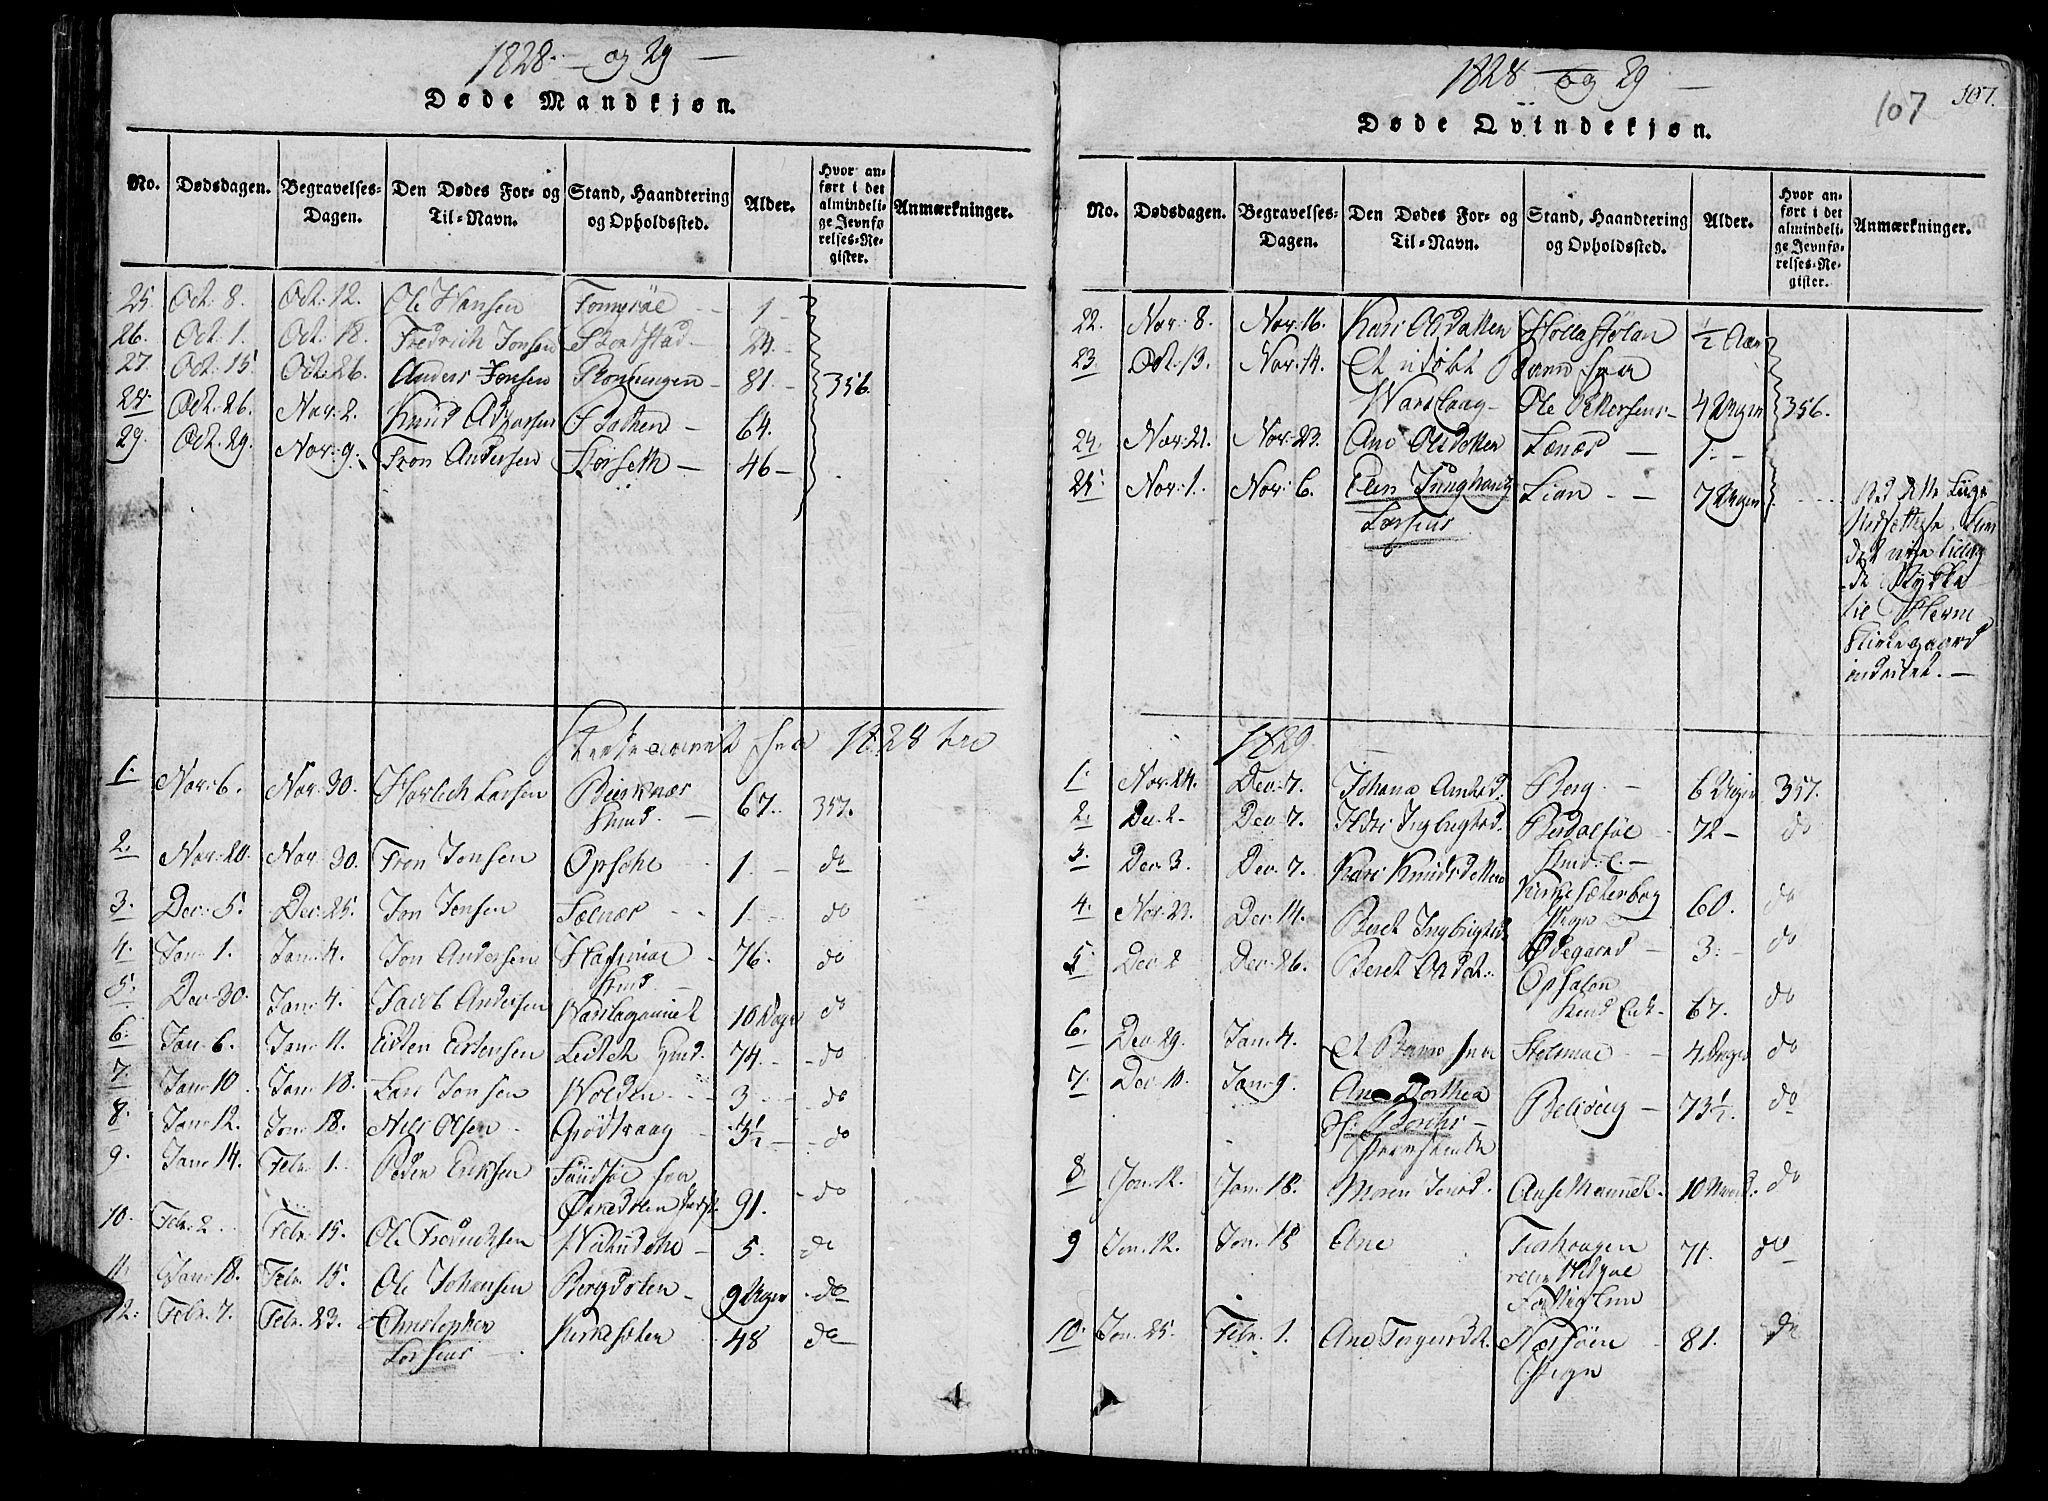 SAT, Ministerialprotokoller, klokkerbøker og fødselsregistre - Sør-Trøndelag, 630/L0491: Ministerialbok nr. 630A04, 1818-1830, s. 107